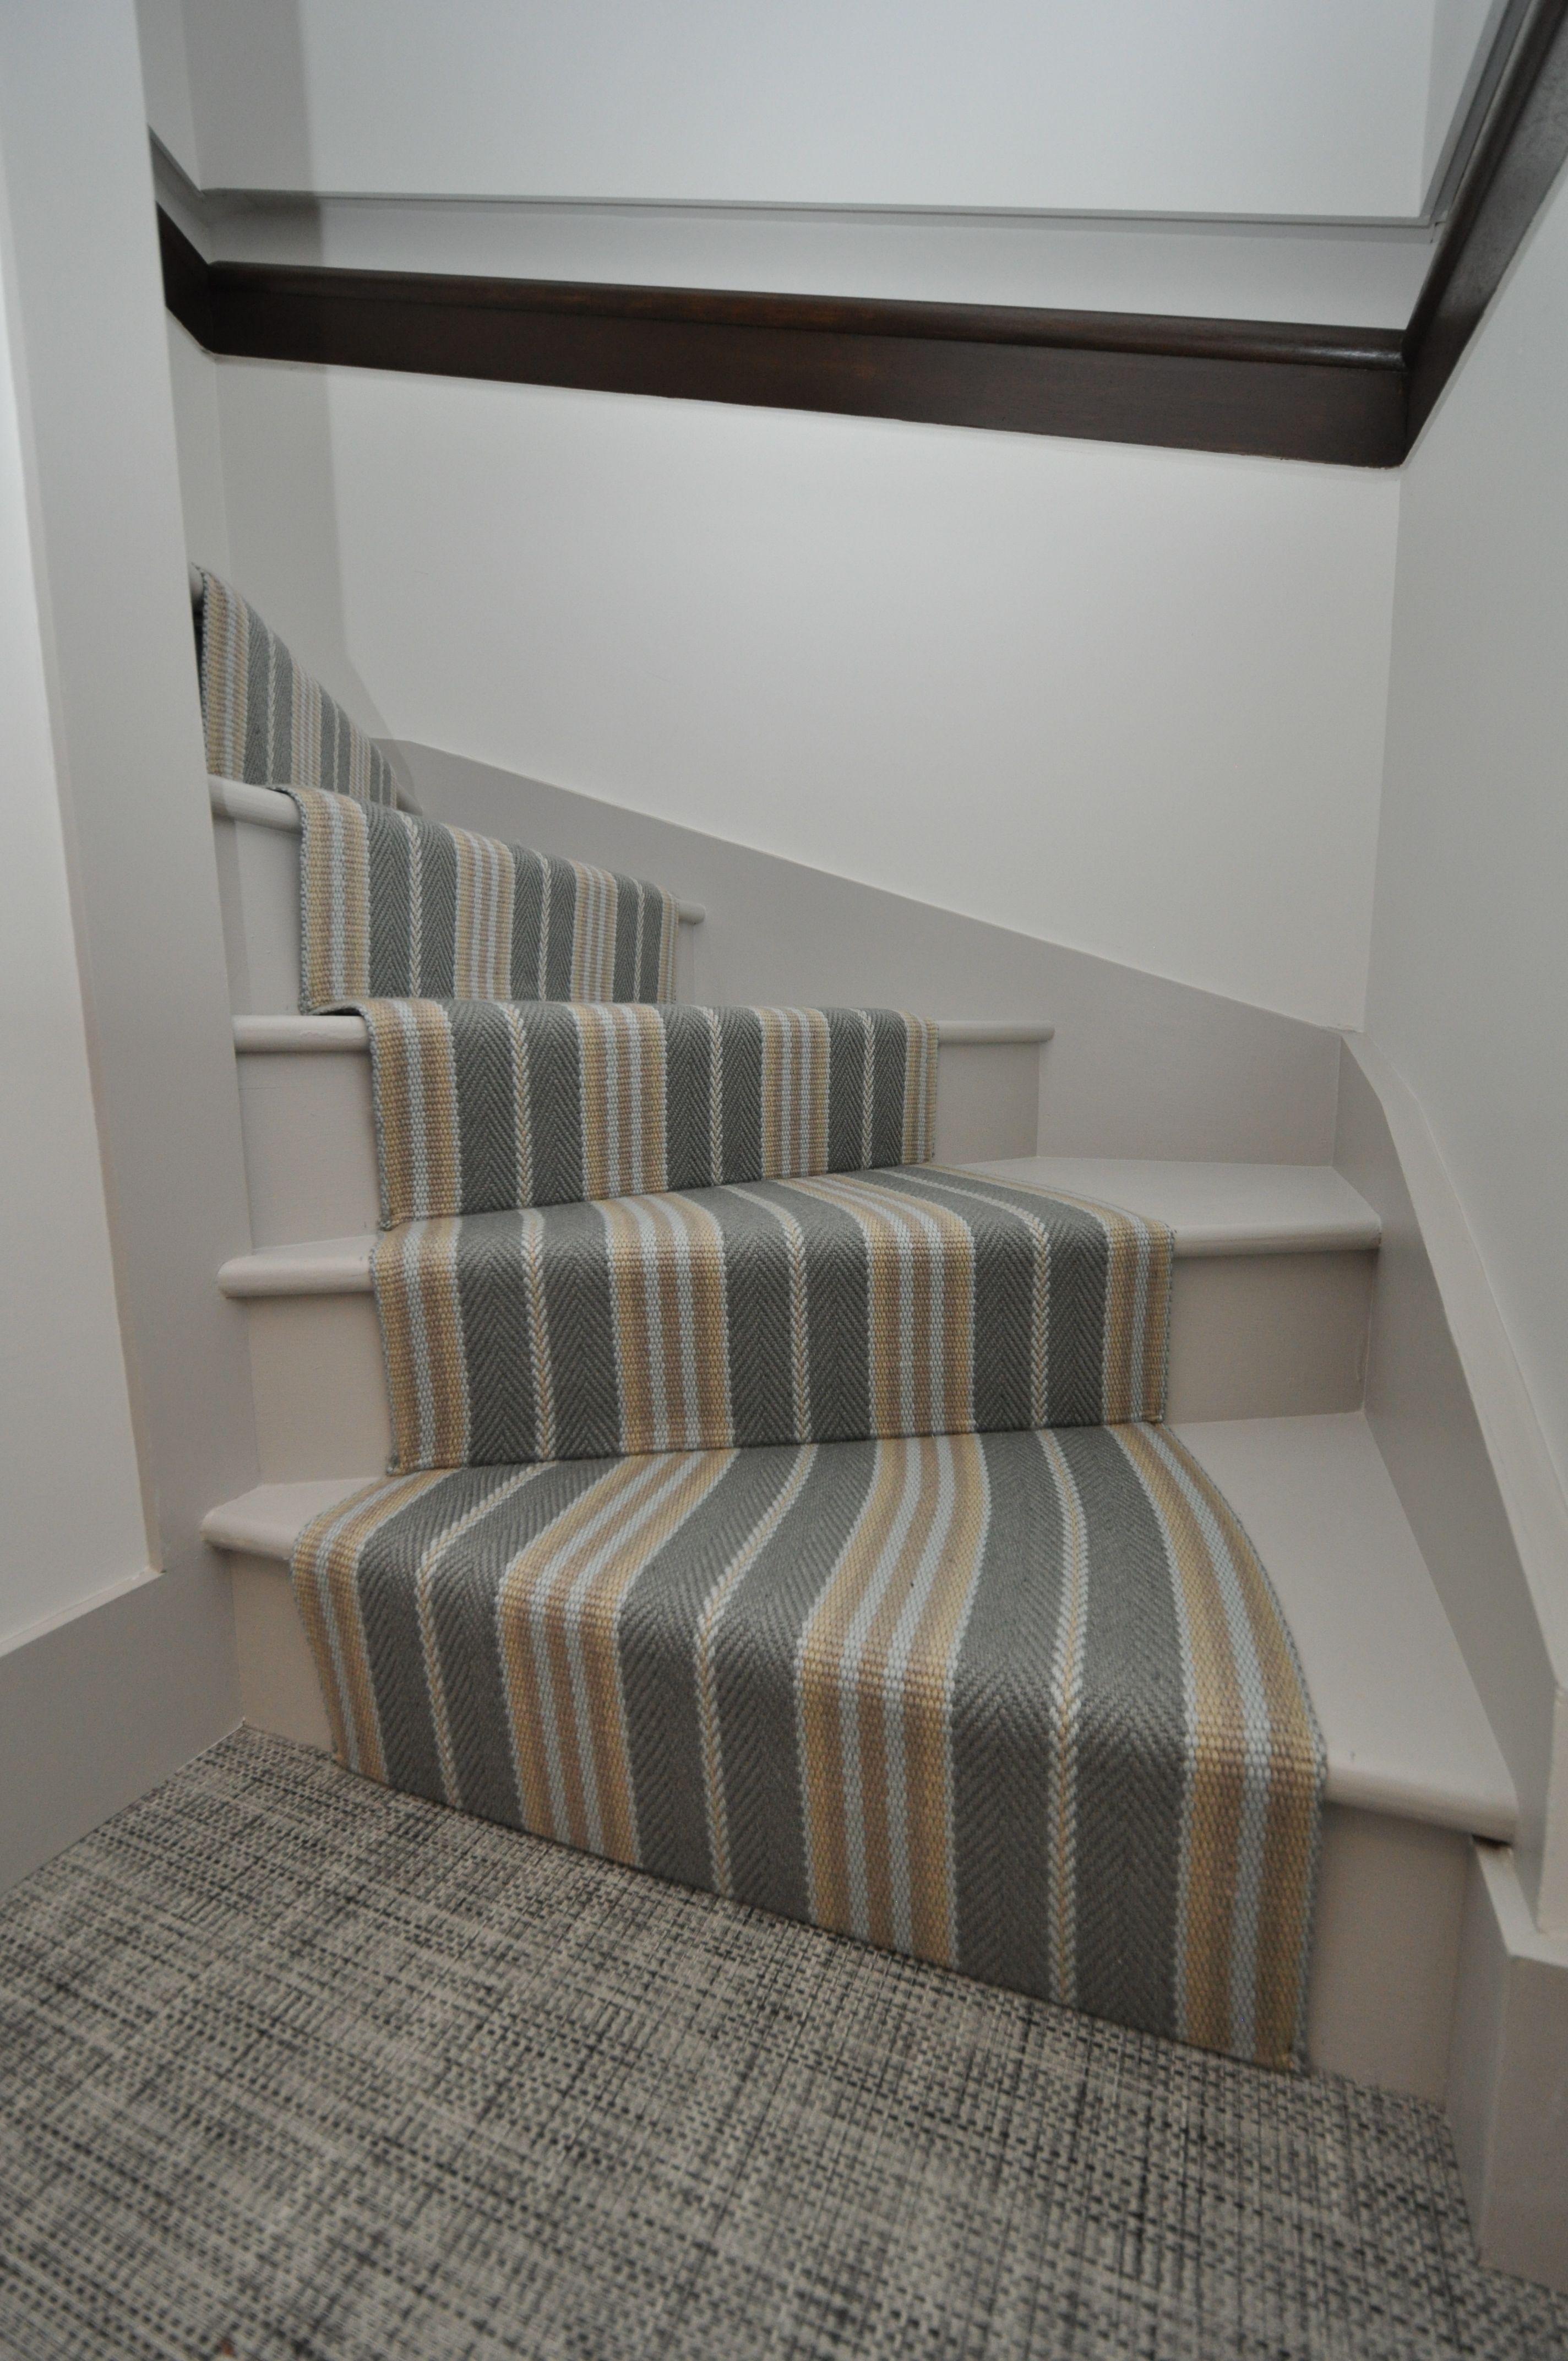 Best 4 090 Flatweave Stair Runners Off The Loom Lintzford 1 400 x 300